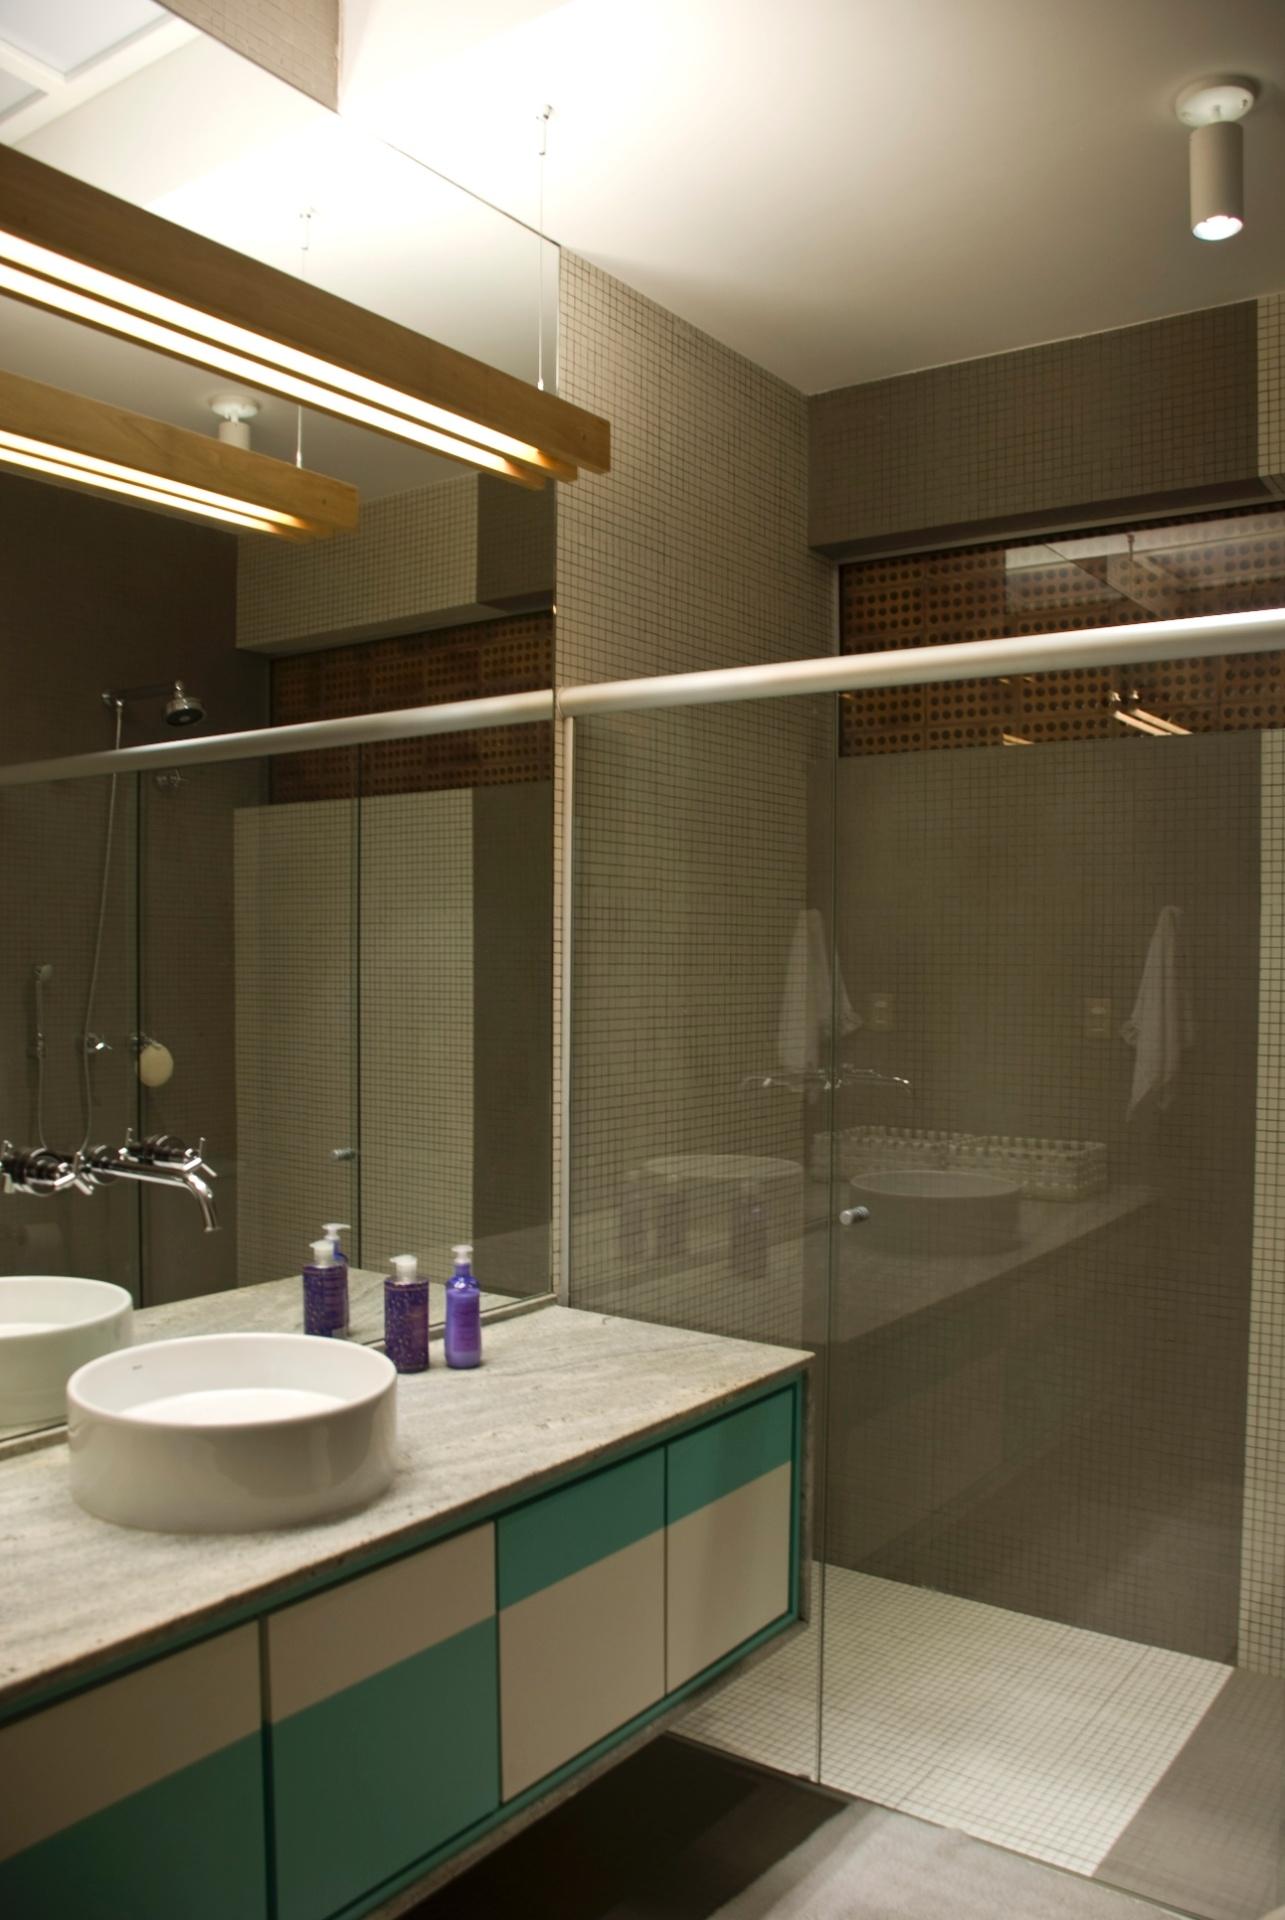 Na residência reformada pelo escritório Arqdonini, o banheiro com 6,1 m² conta com bancada amplas e apenas com uma cuba. No ambiente, os